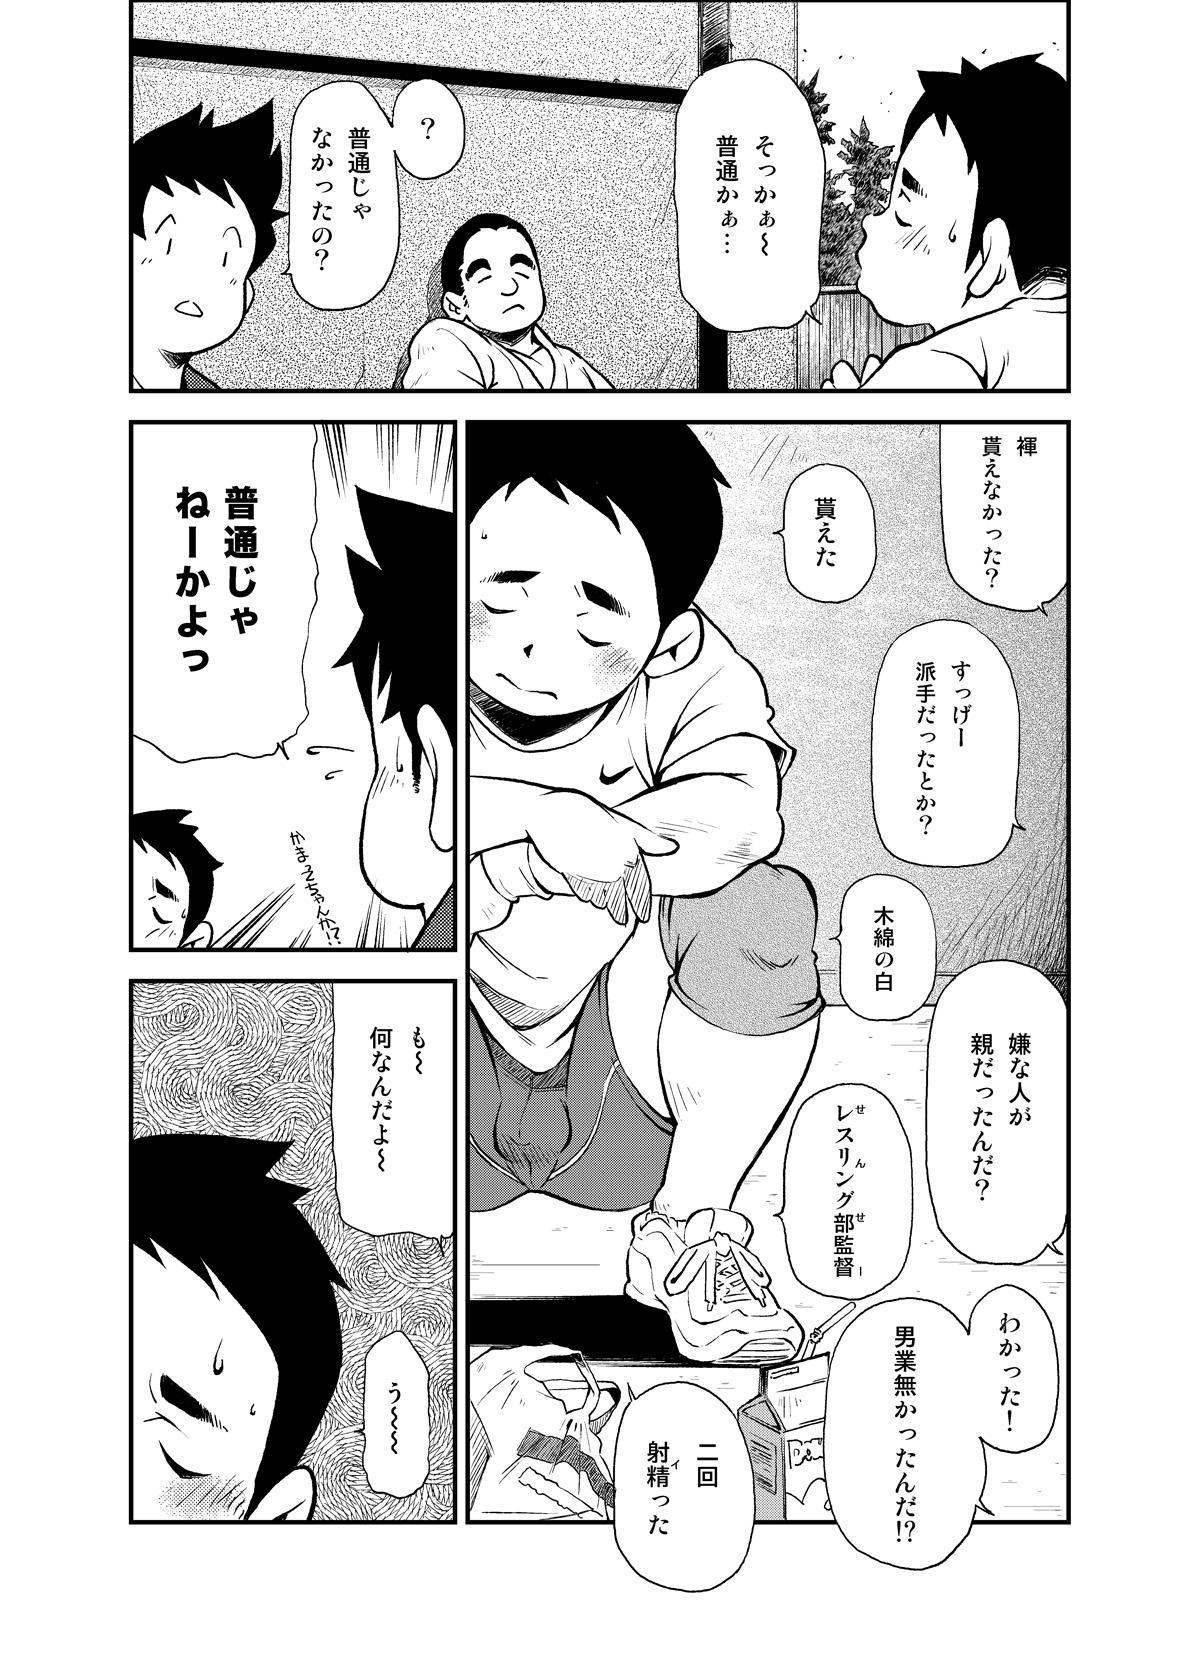 Tadashii Danshi no Kyouren Hou 6